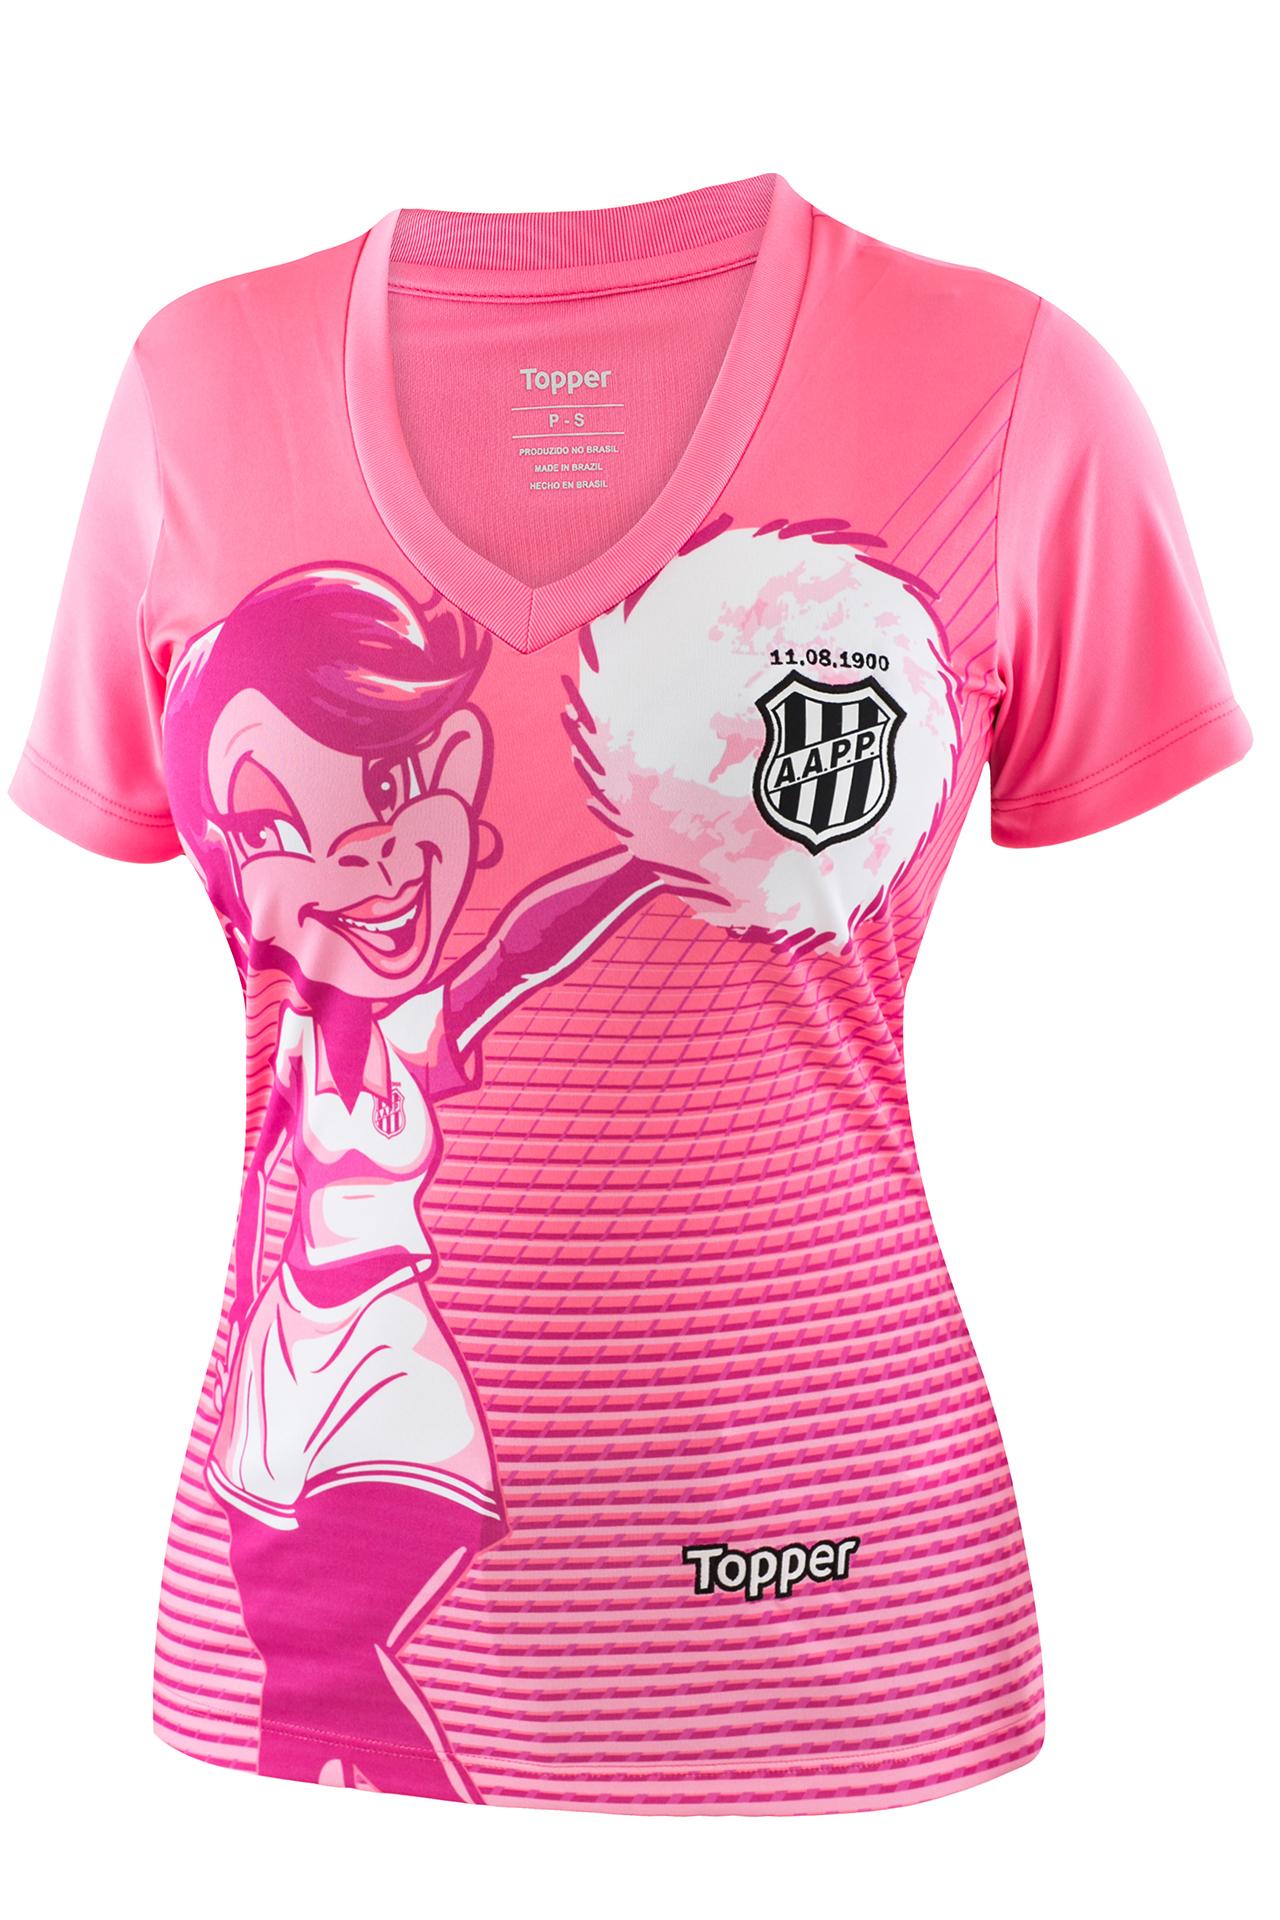 740f0a6eb3 Fornecedora lança camisas alusivas ao Outubro Rosa para 11 clubes ...